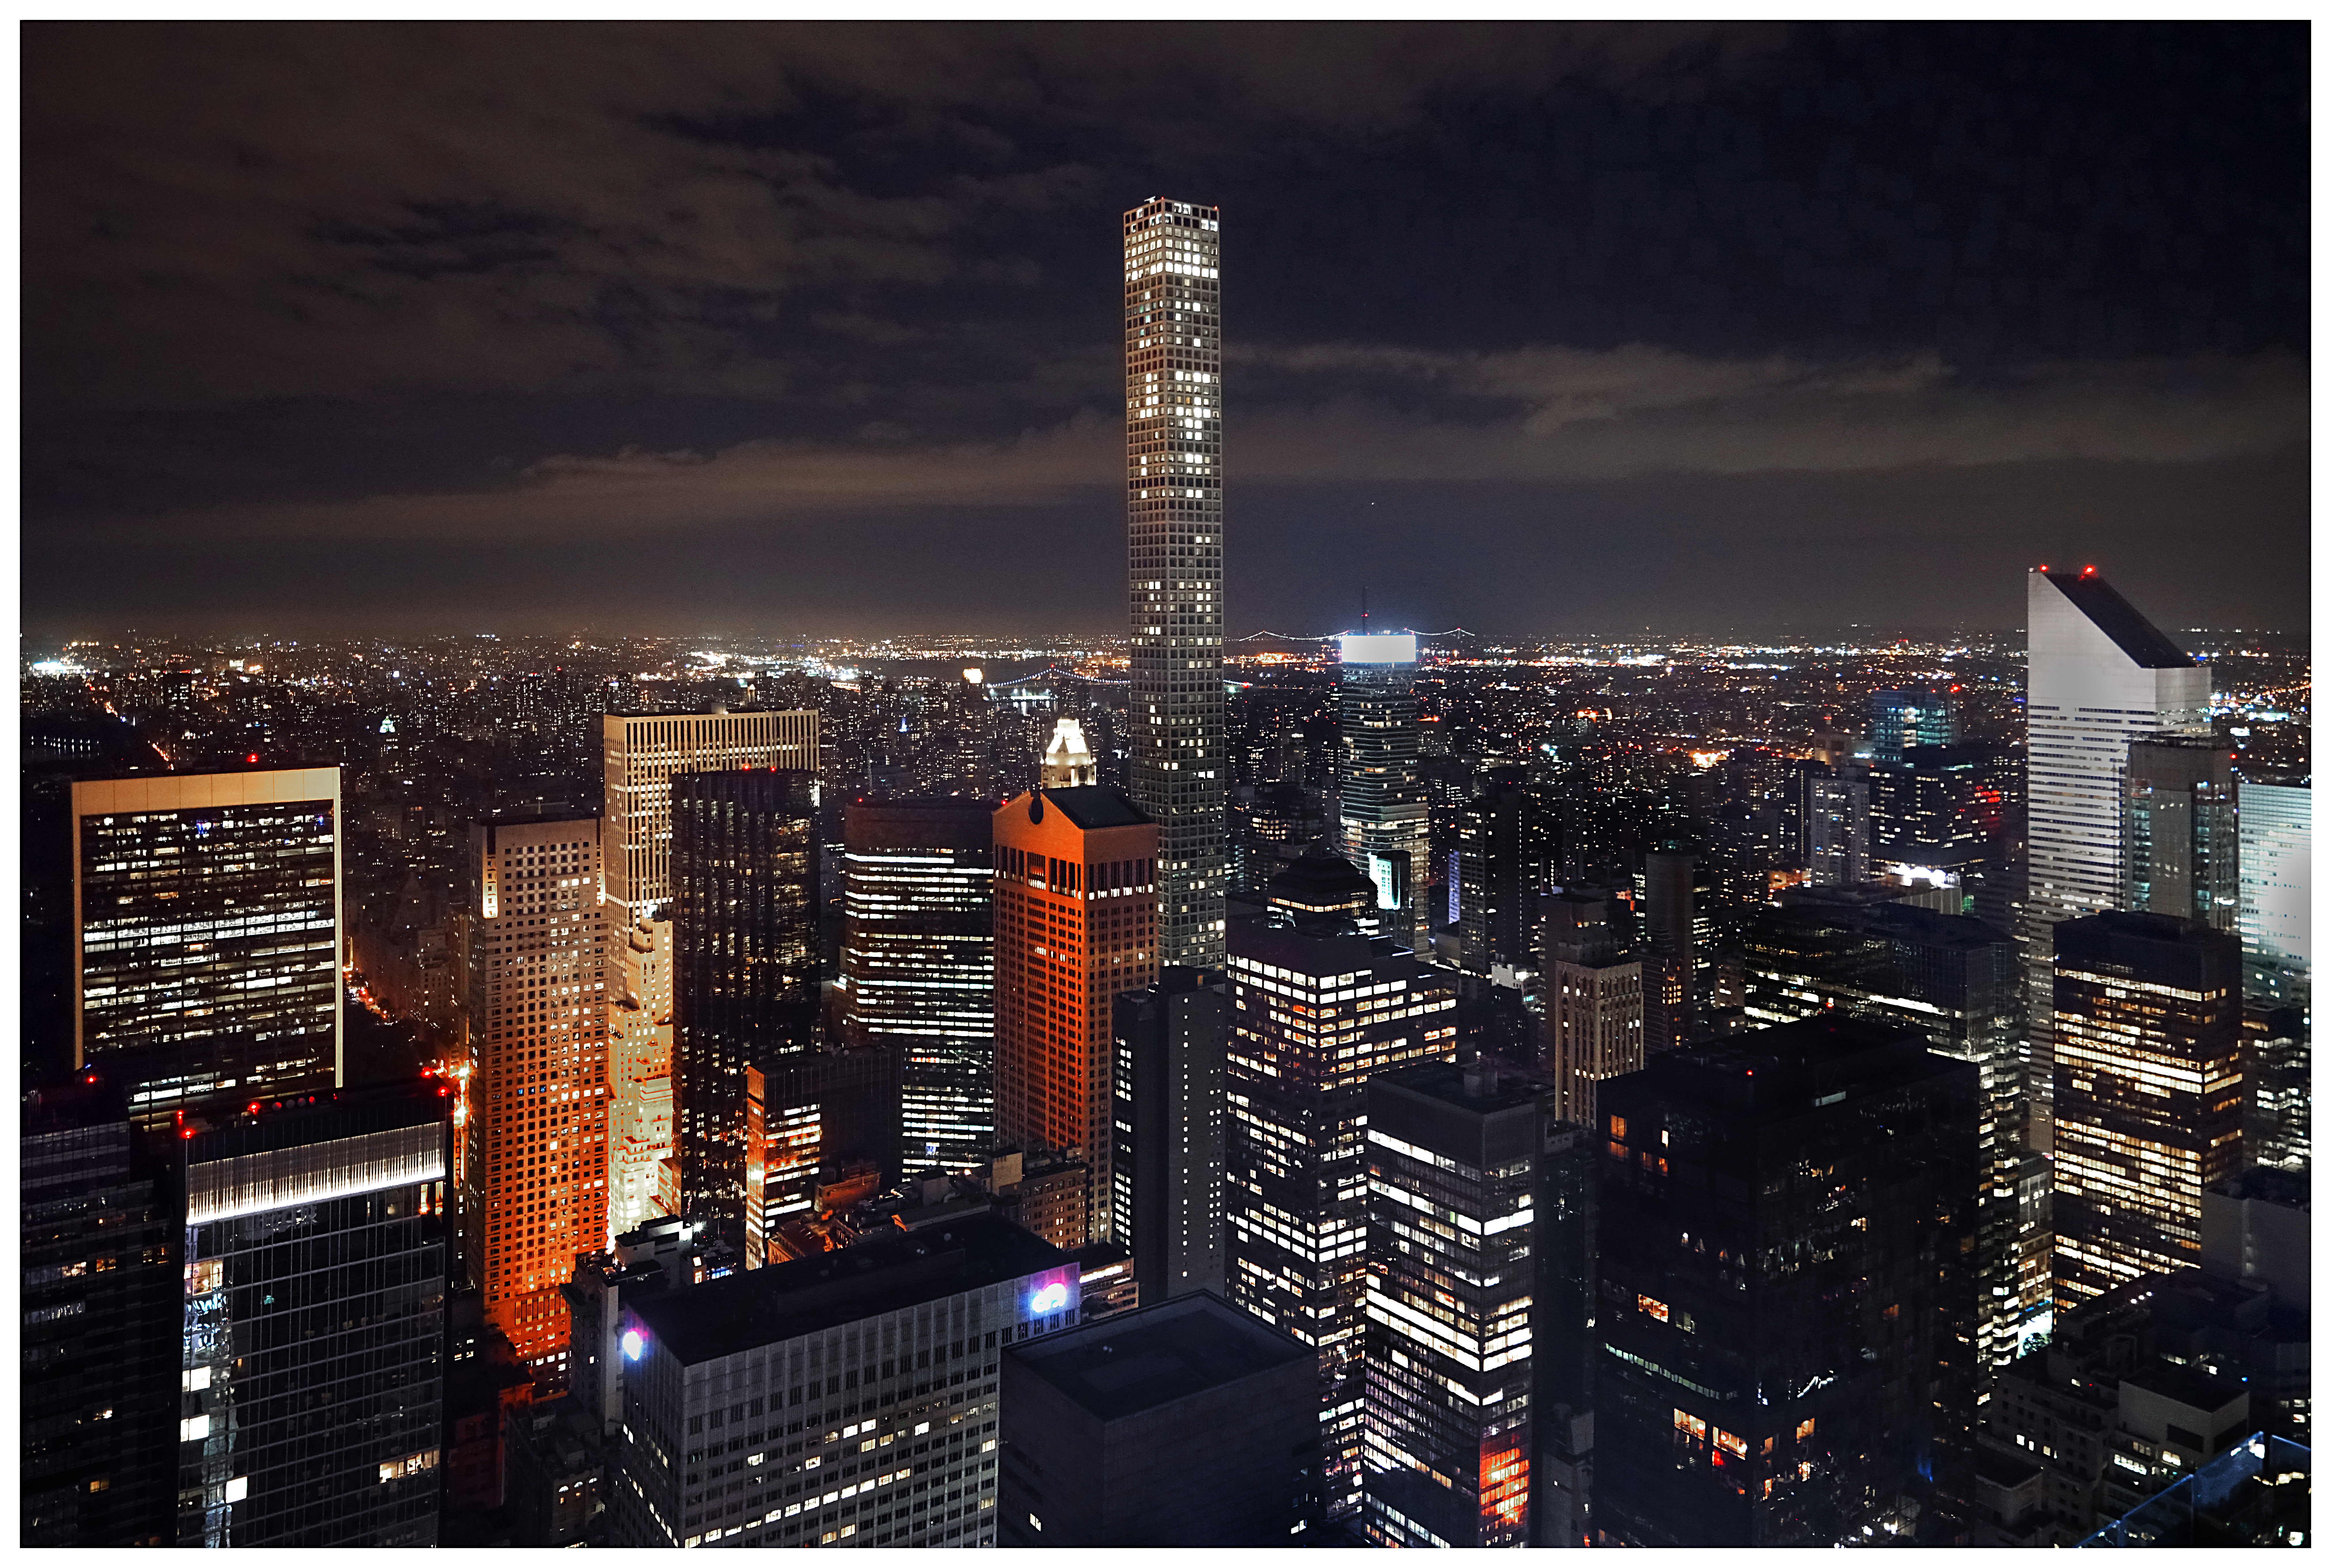 2016-09 new york-166-20160908 photo